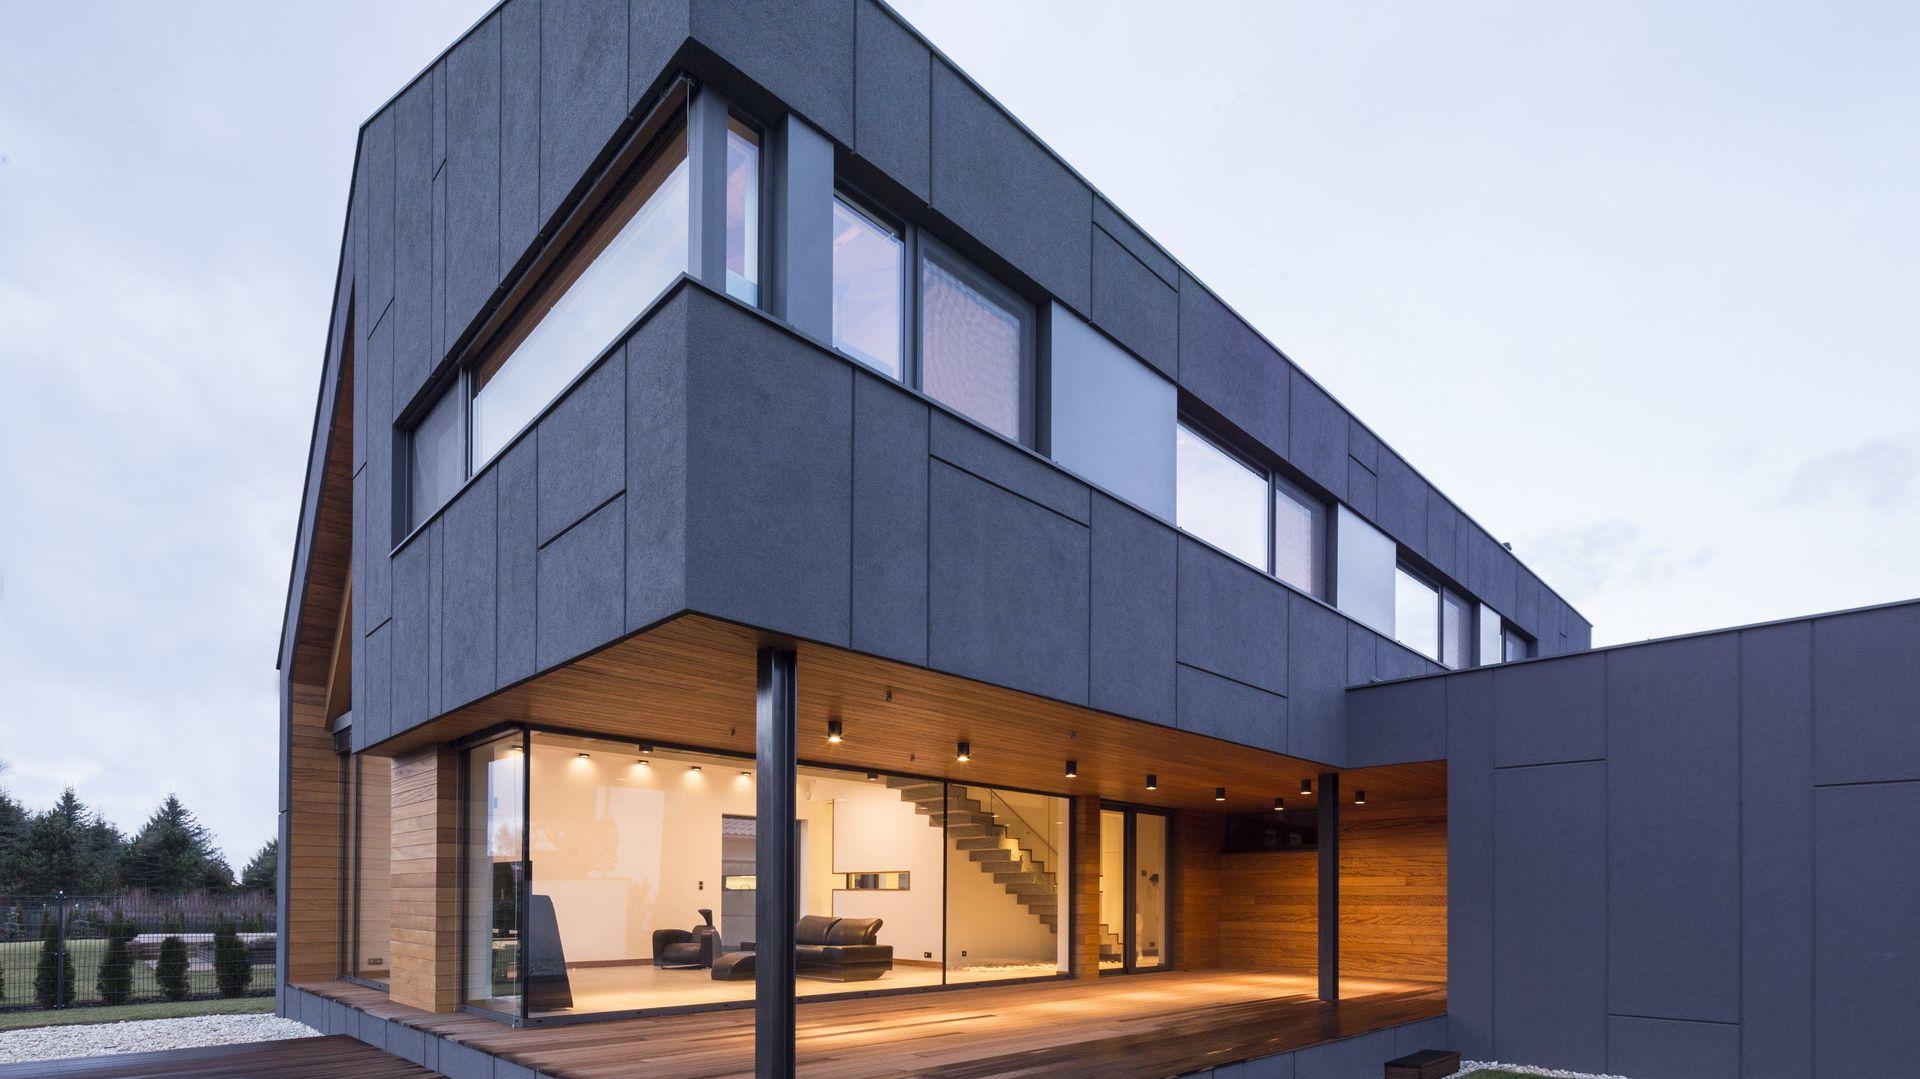 Od strony południowej wycięty fragment parteru stanowi obszerny taras, który organicznie wtapia się w tektonikę domu. Fot. Beczak/Beczak/Architektci